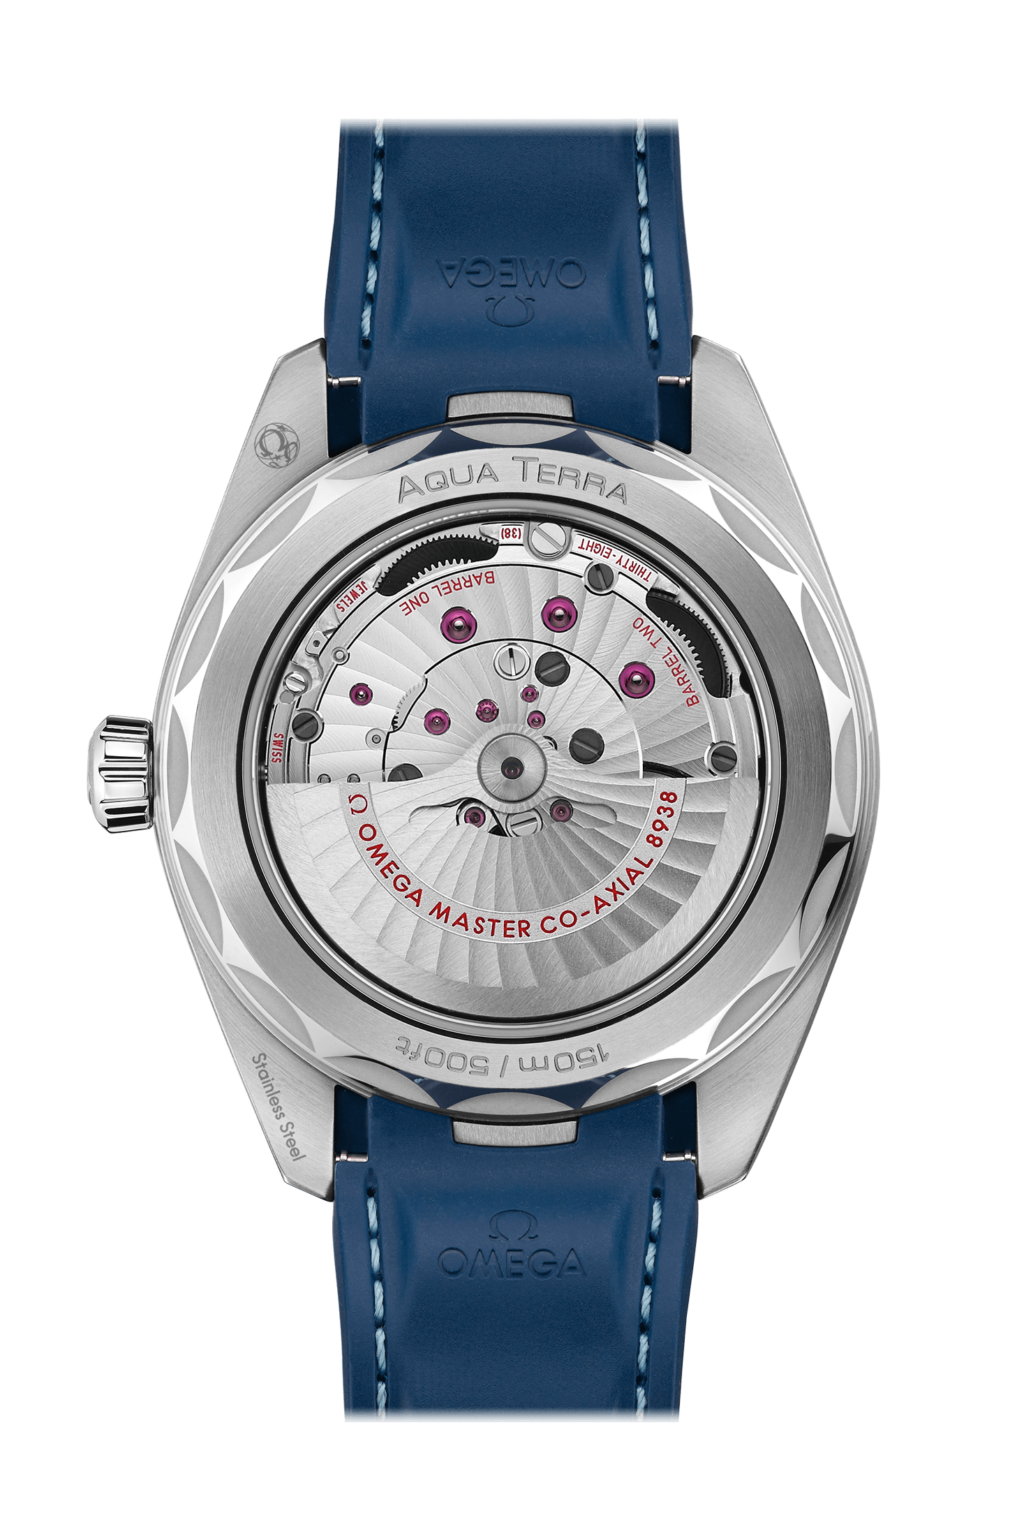 Co‑Axial Master Chronometer Gmt Worldtimer 43 mm - Wagner Bijouterie Uhren